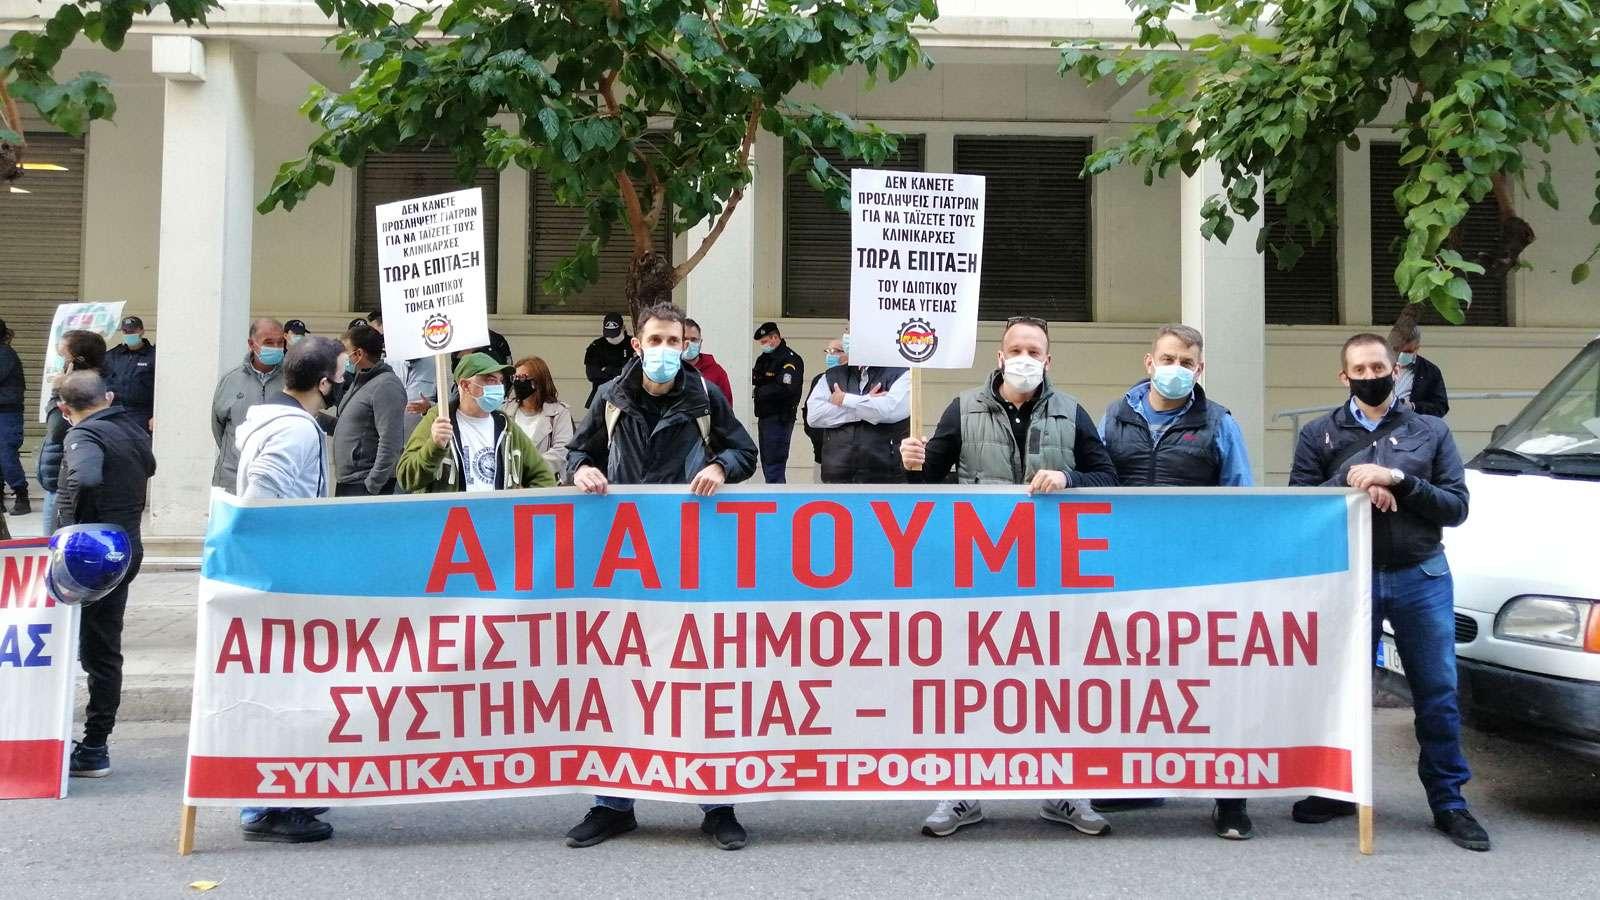 Υπουργείο Υγείας 10 Νοε 2020 menoume dynatoi